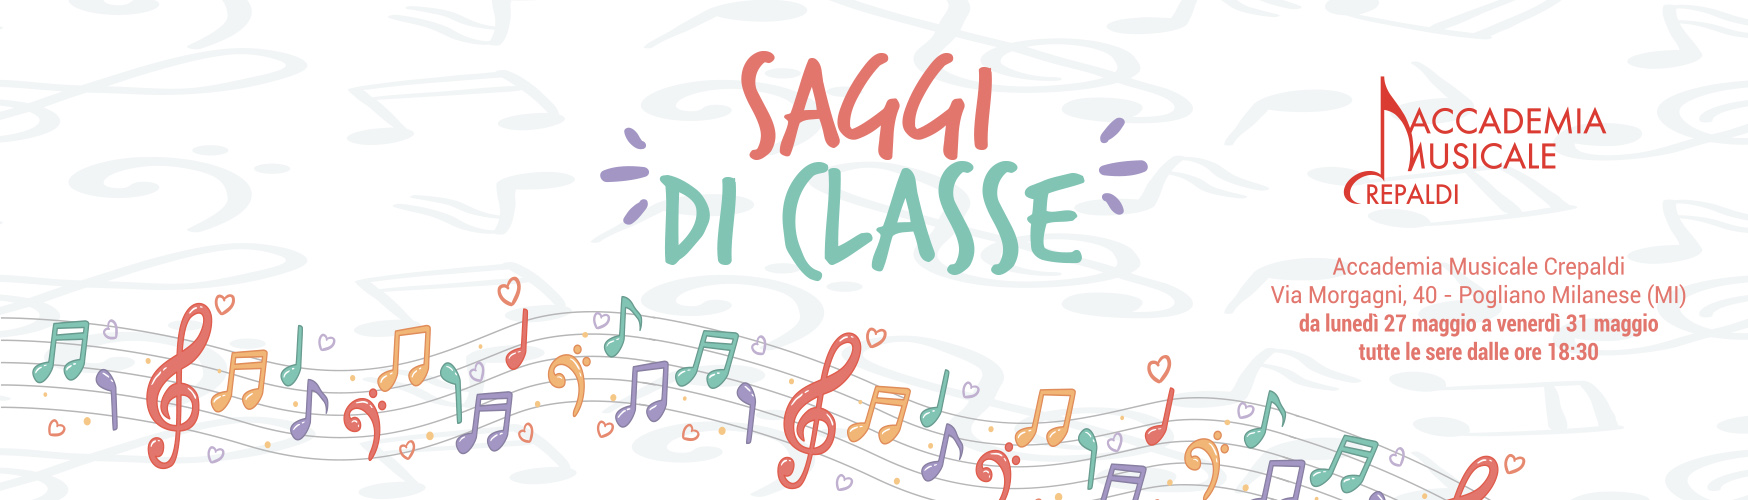 Accademia Musicale Crepaldi - Saggi di Classe 18/19